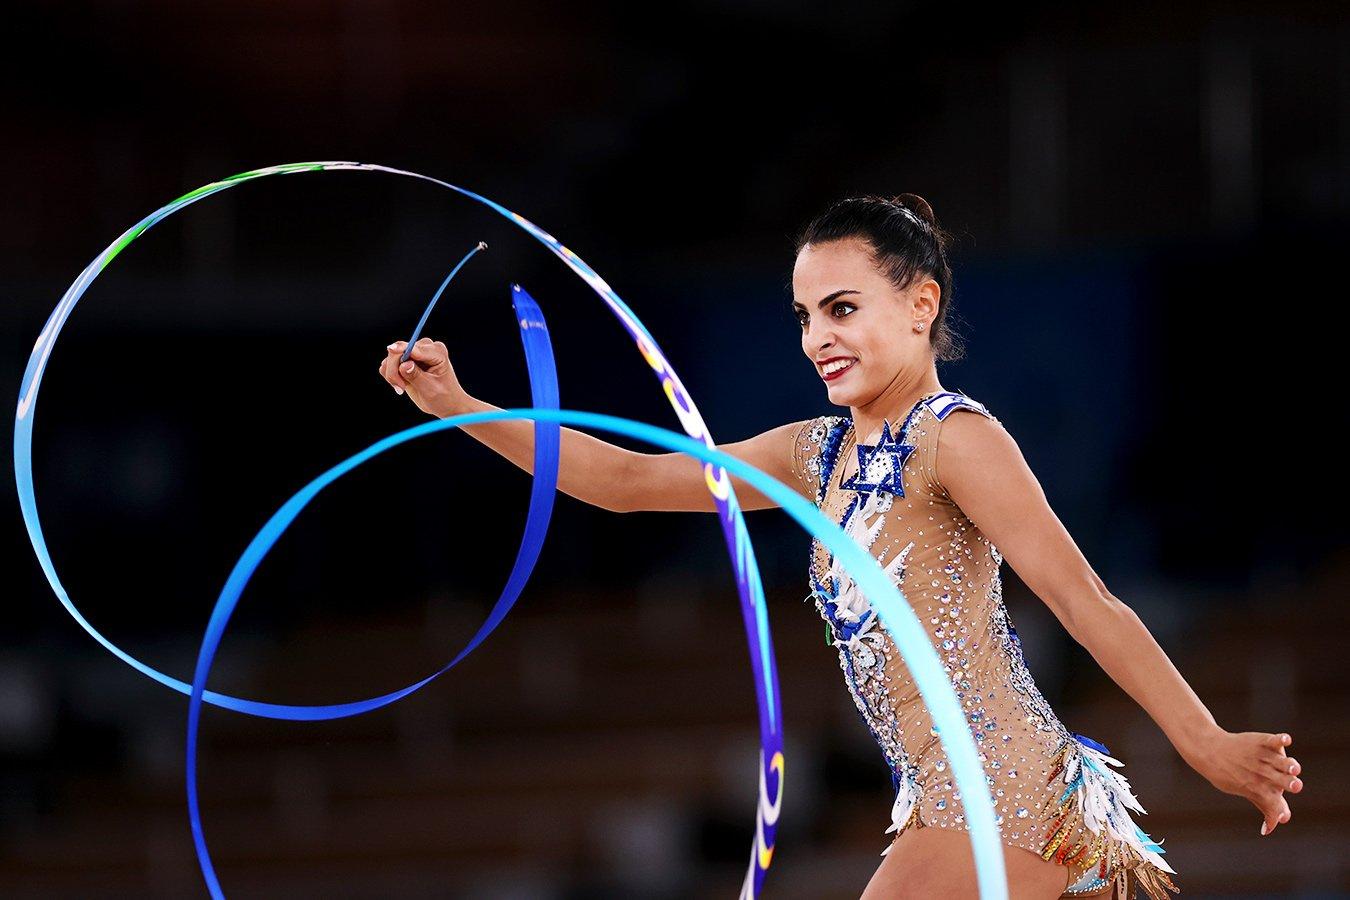 Украинская судья объяснила, почему Линой Ашрам заслуженно победила на ОИ-2020